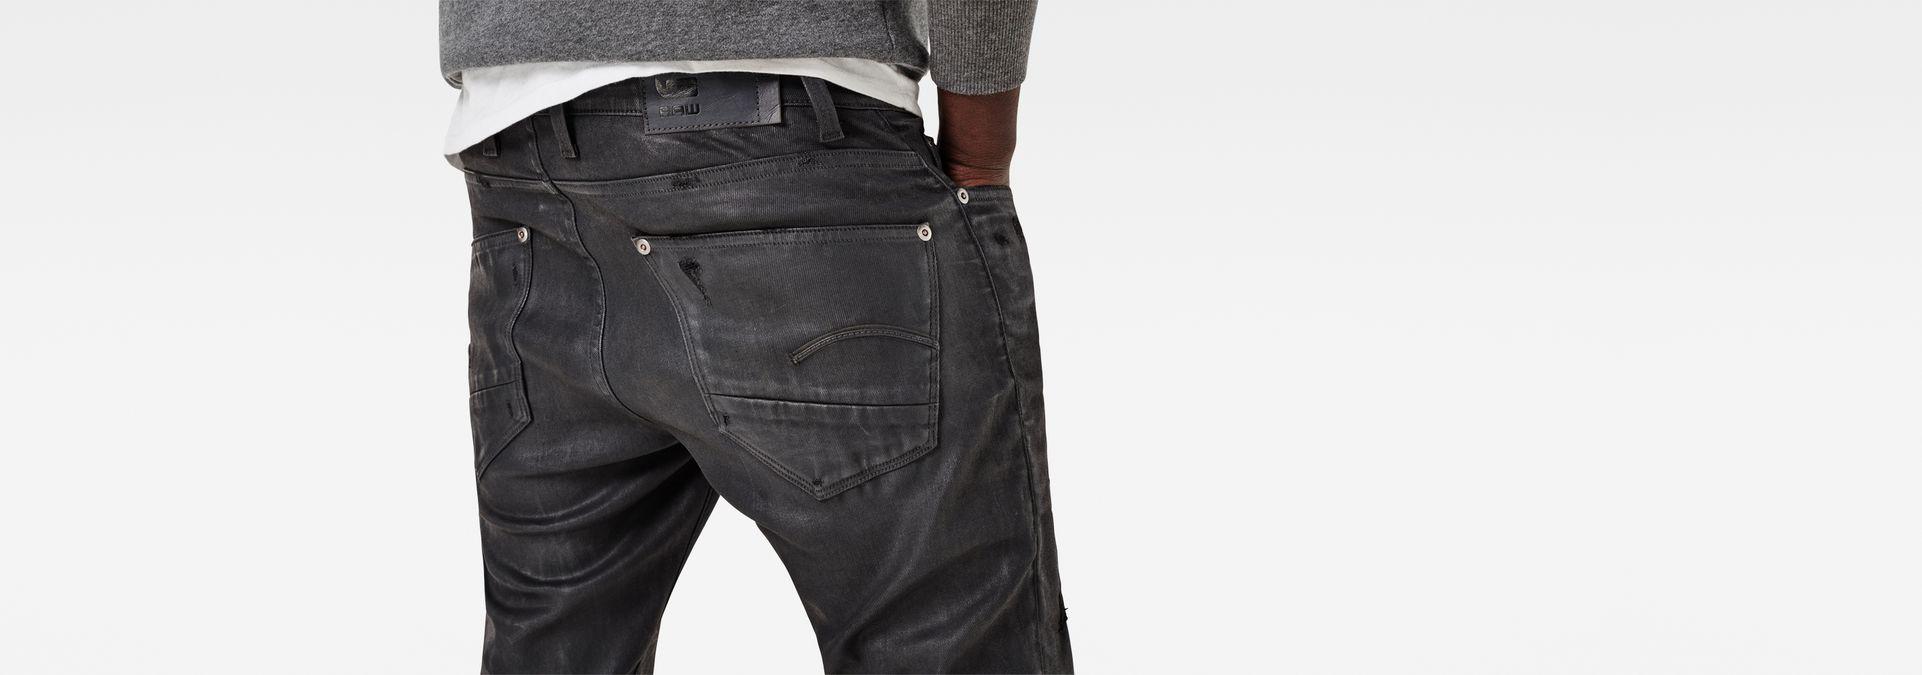 G-Star RAW Dexter Super Skinny Jeans Medium Aged Womens Jeans Jeans for Women COLOUR-medium aged